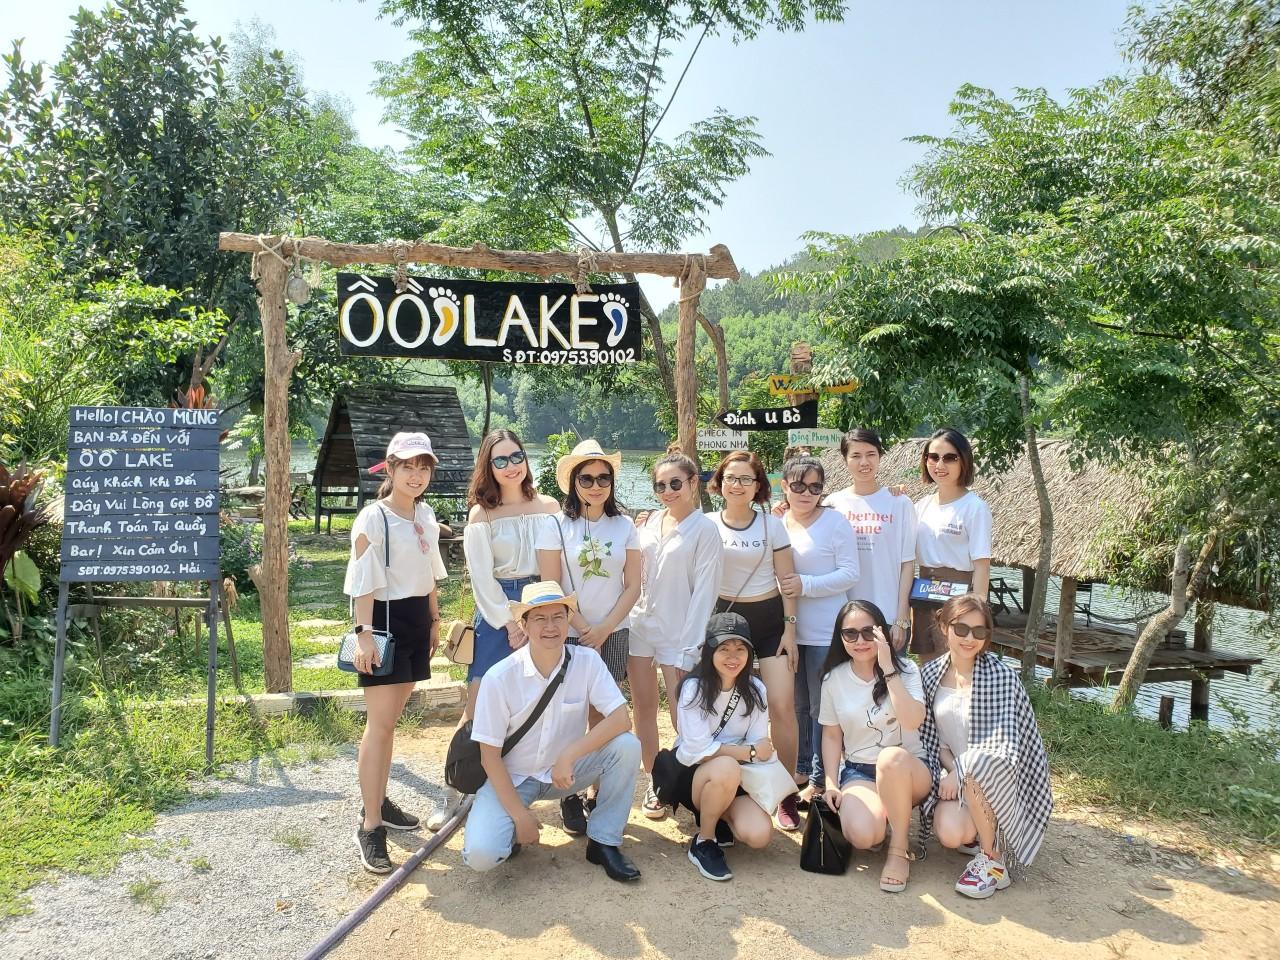 Quảng Bình – Phong Nha – Suối nước Mooc – Ồ ồ Lake – Quảng Bình